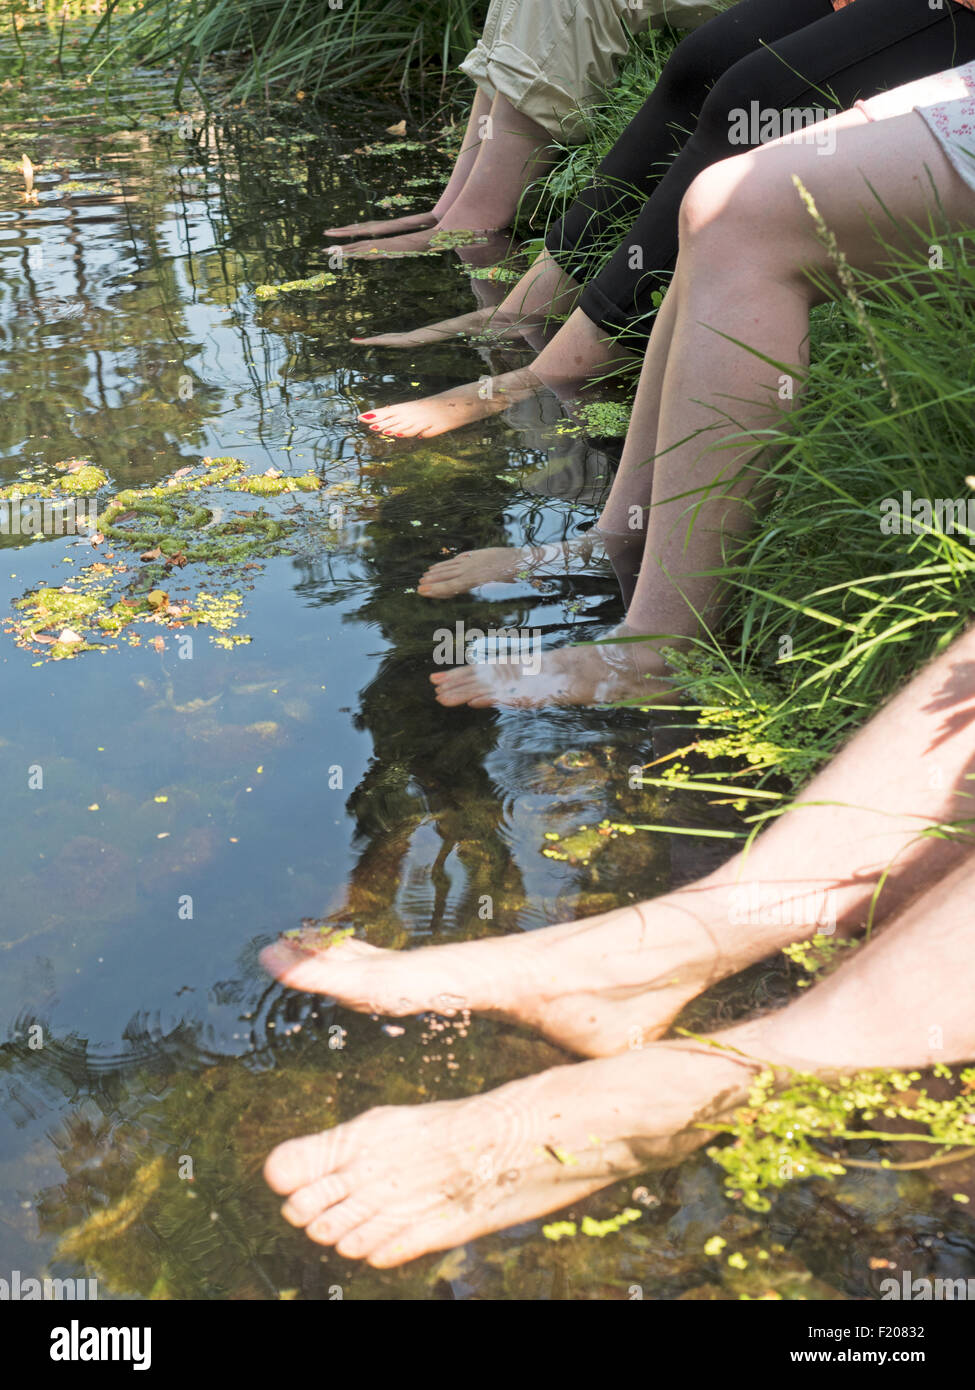 Füße in einem See - Stock Image